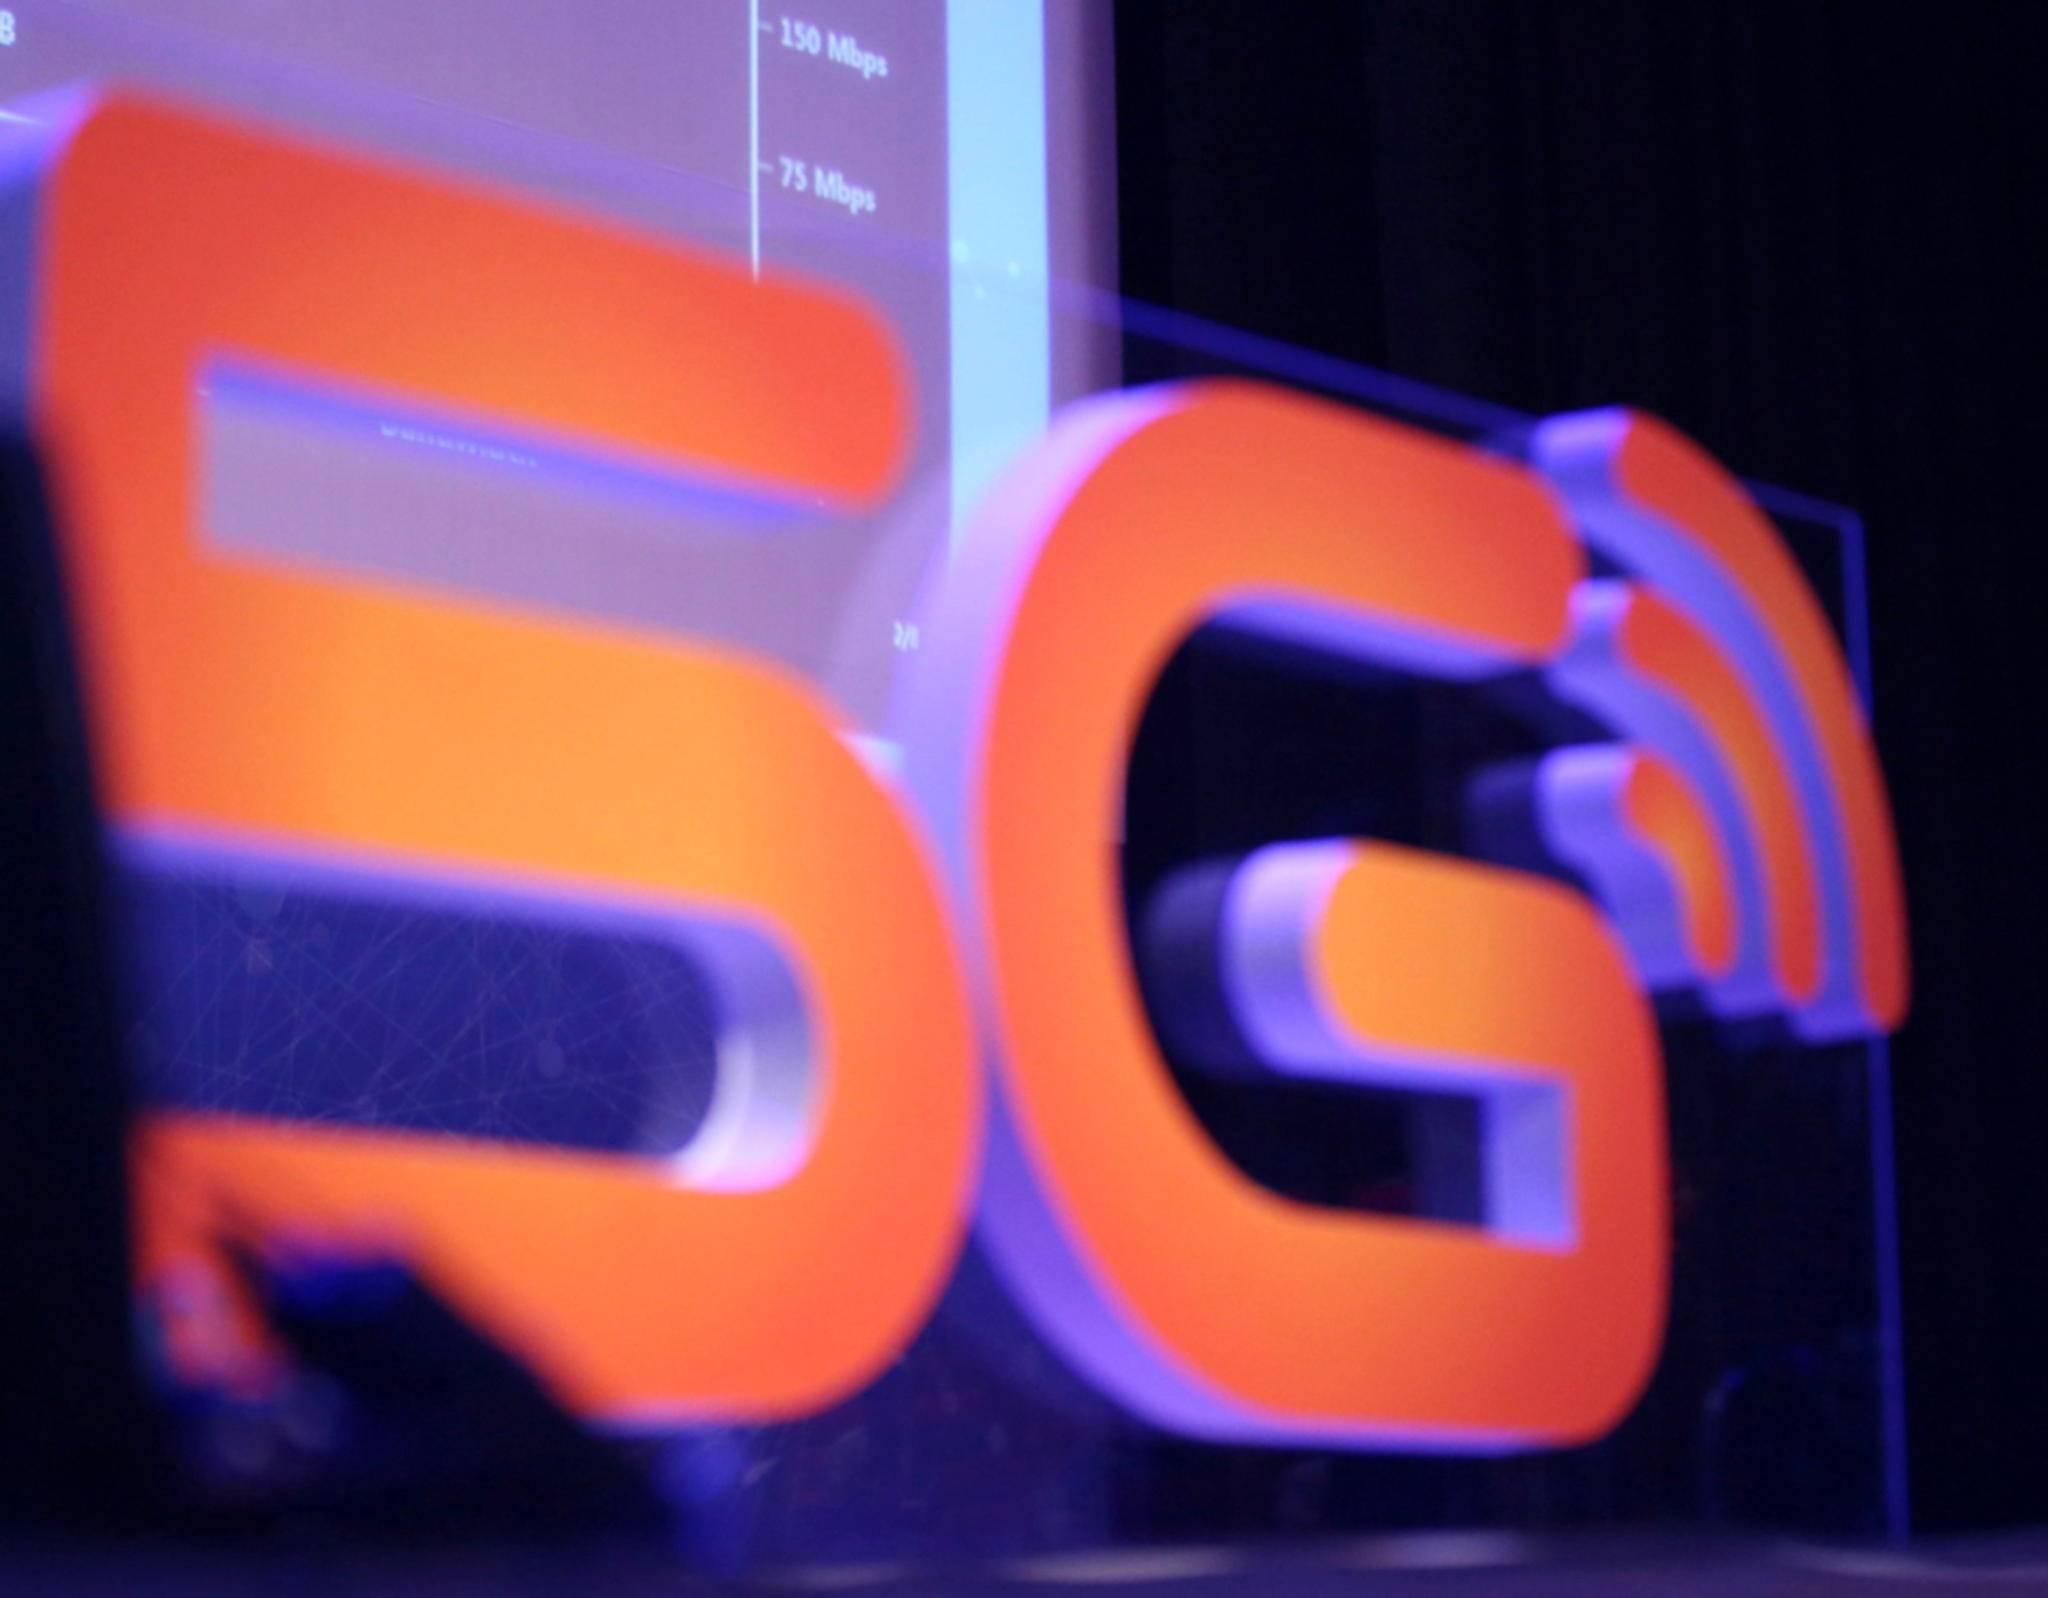 5G soll 20 Mal schneller als 4G werden.